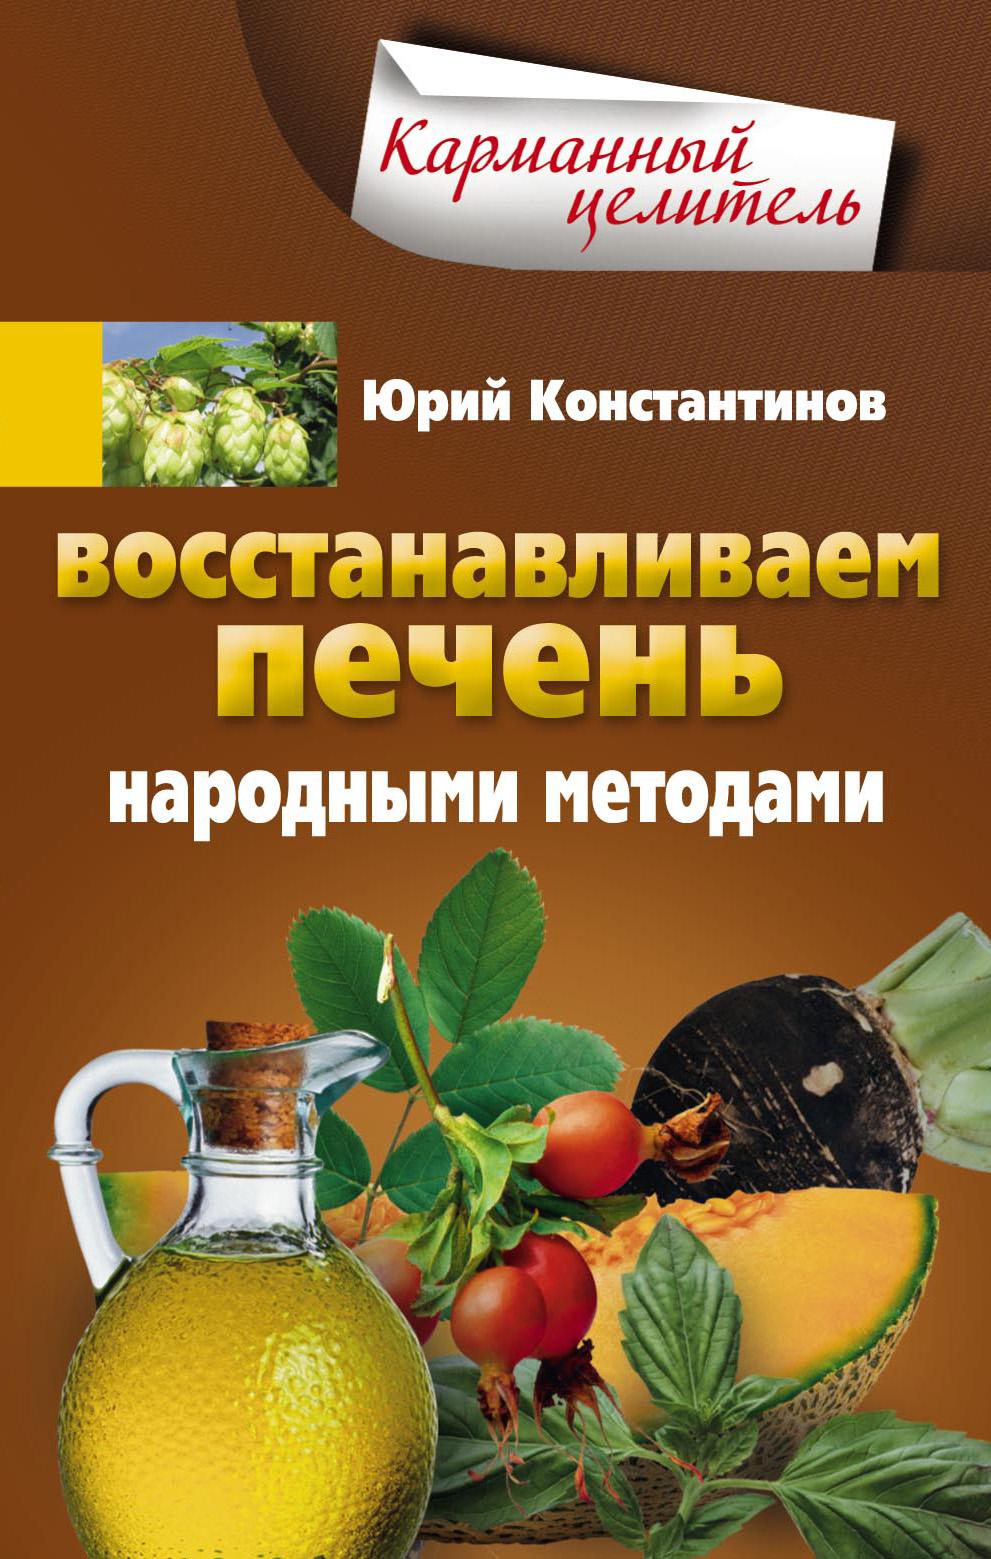 Юрий Константинов Восстанавливаем печень народными методами